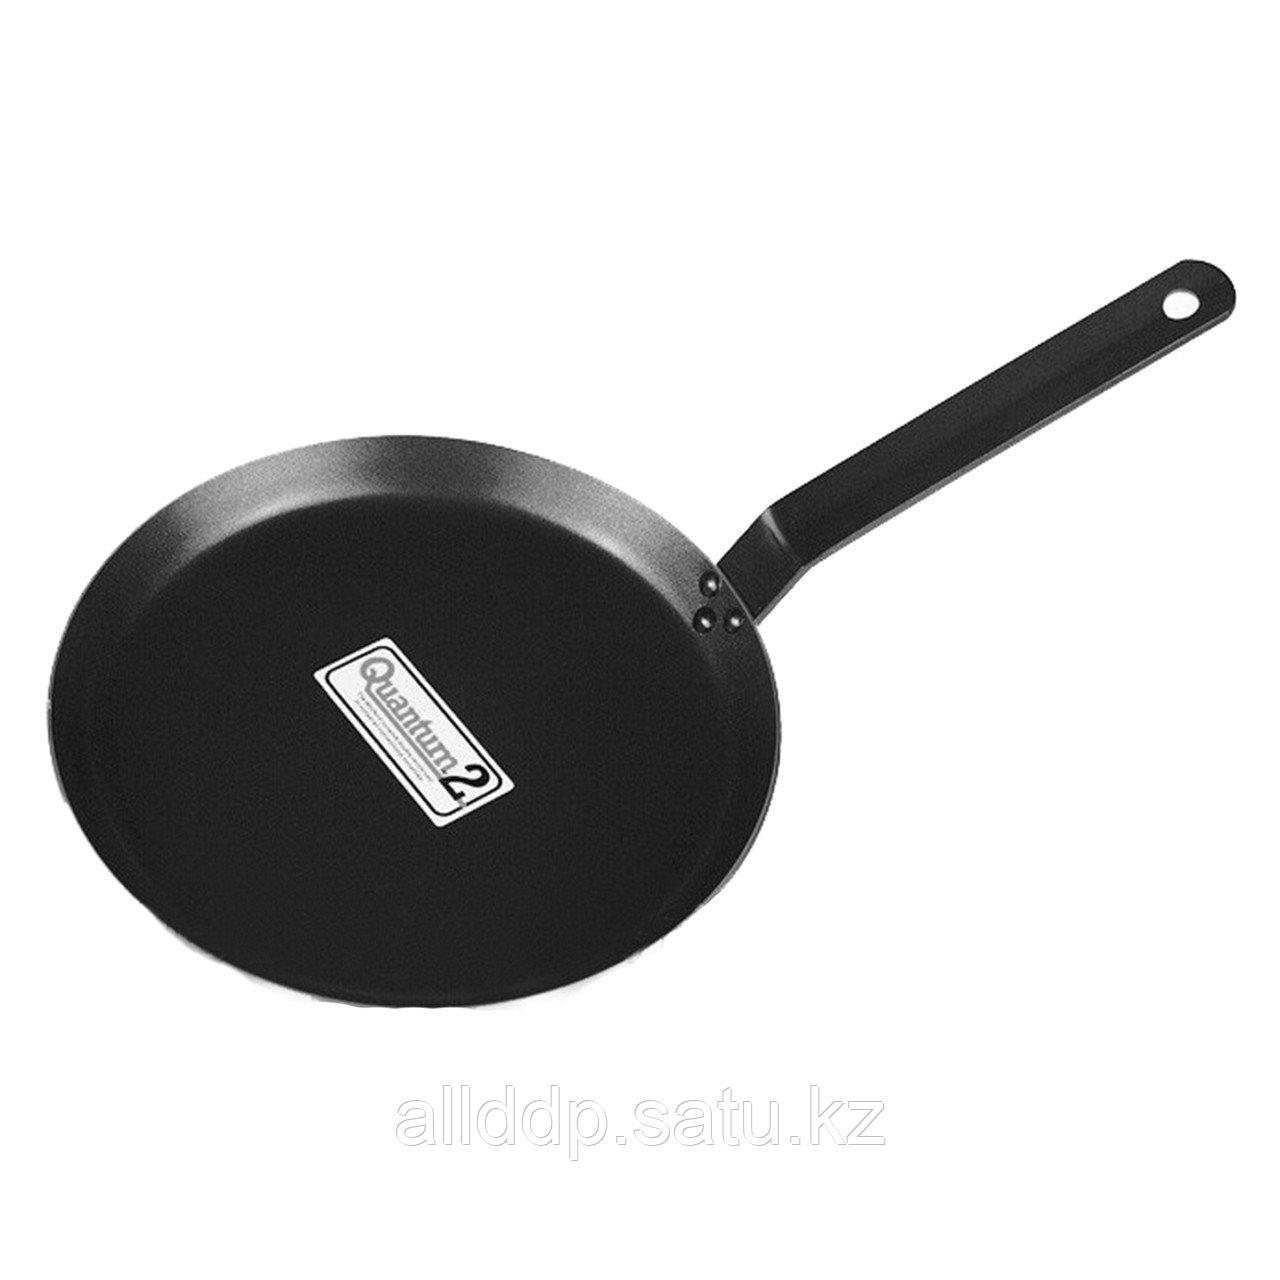 Профессиональная блинная сковорода, 22 см, алюминий